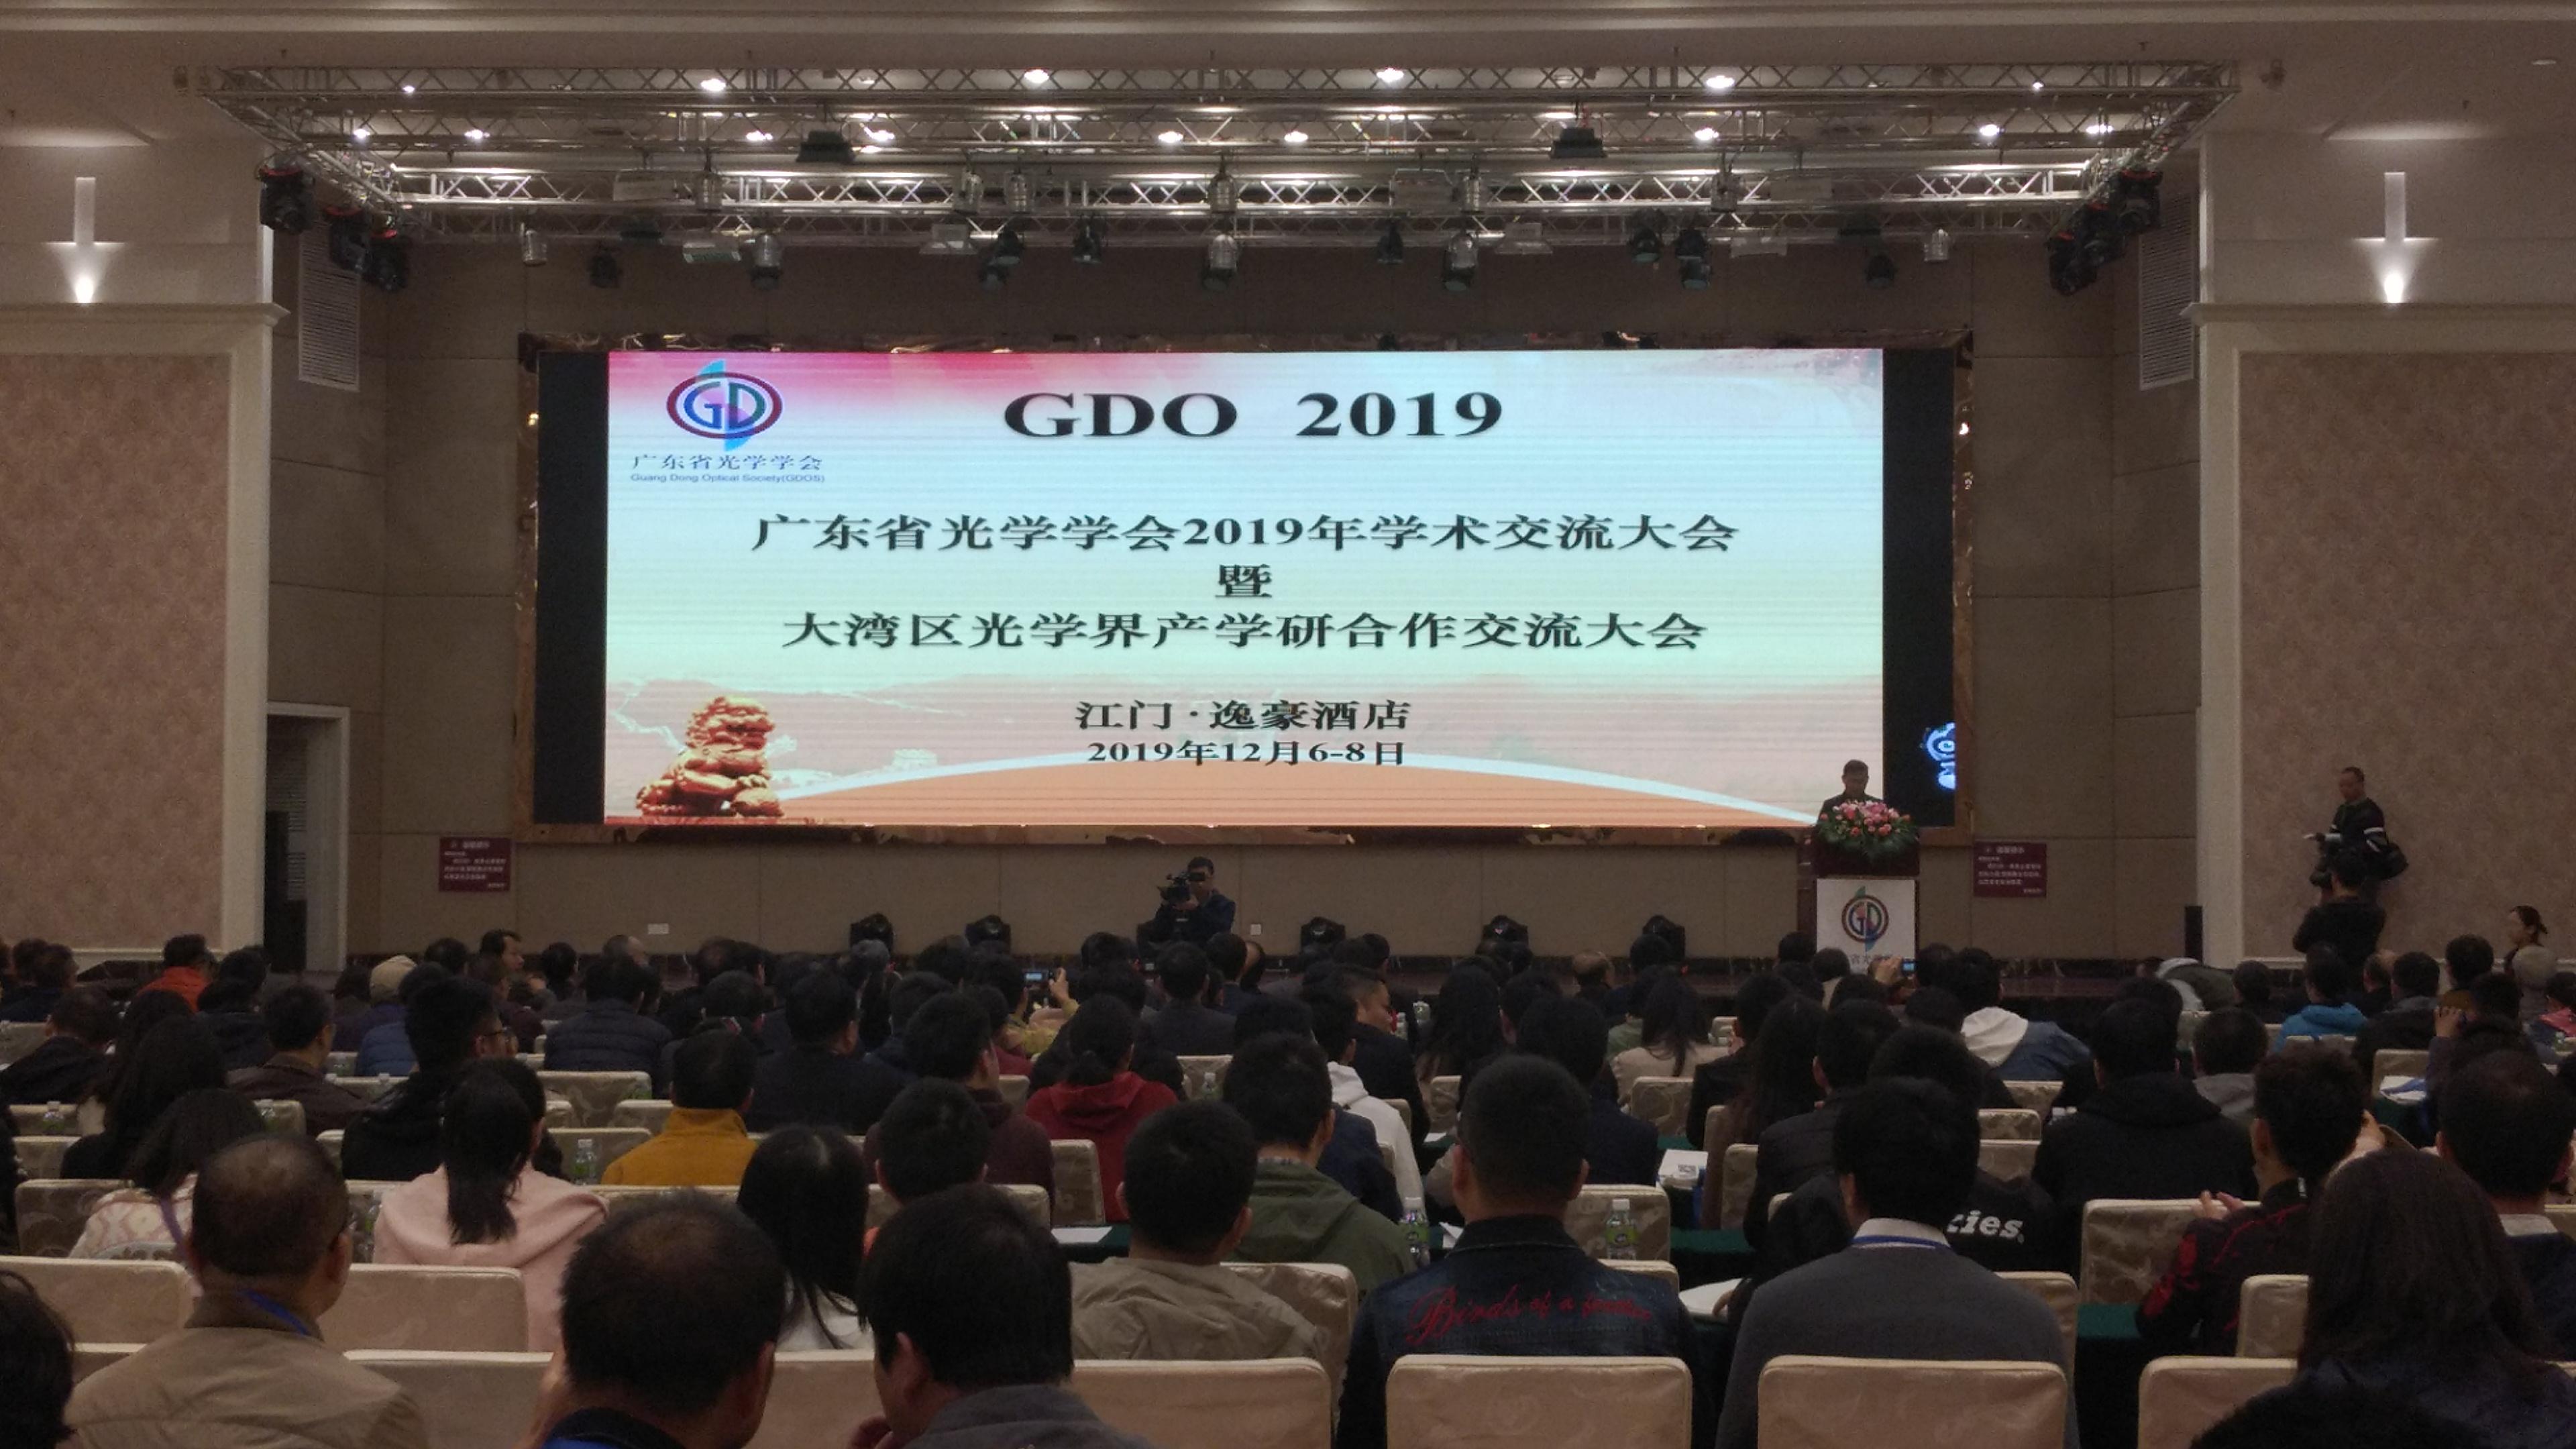 广东省光学学会2019年学术交流大会在江门召开